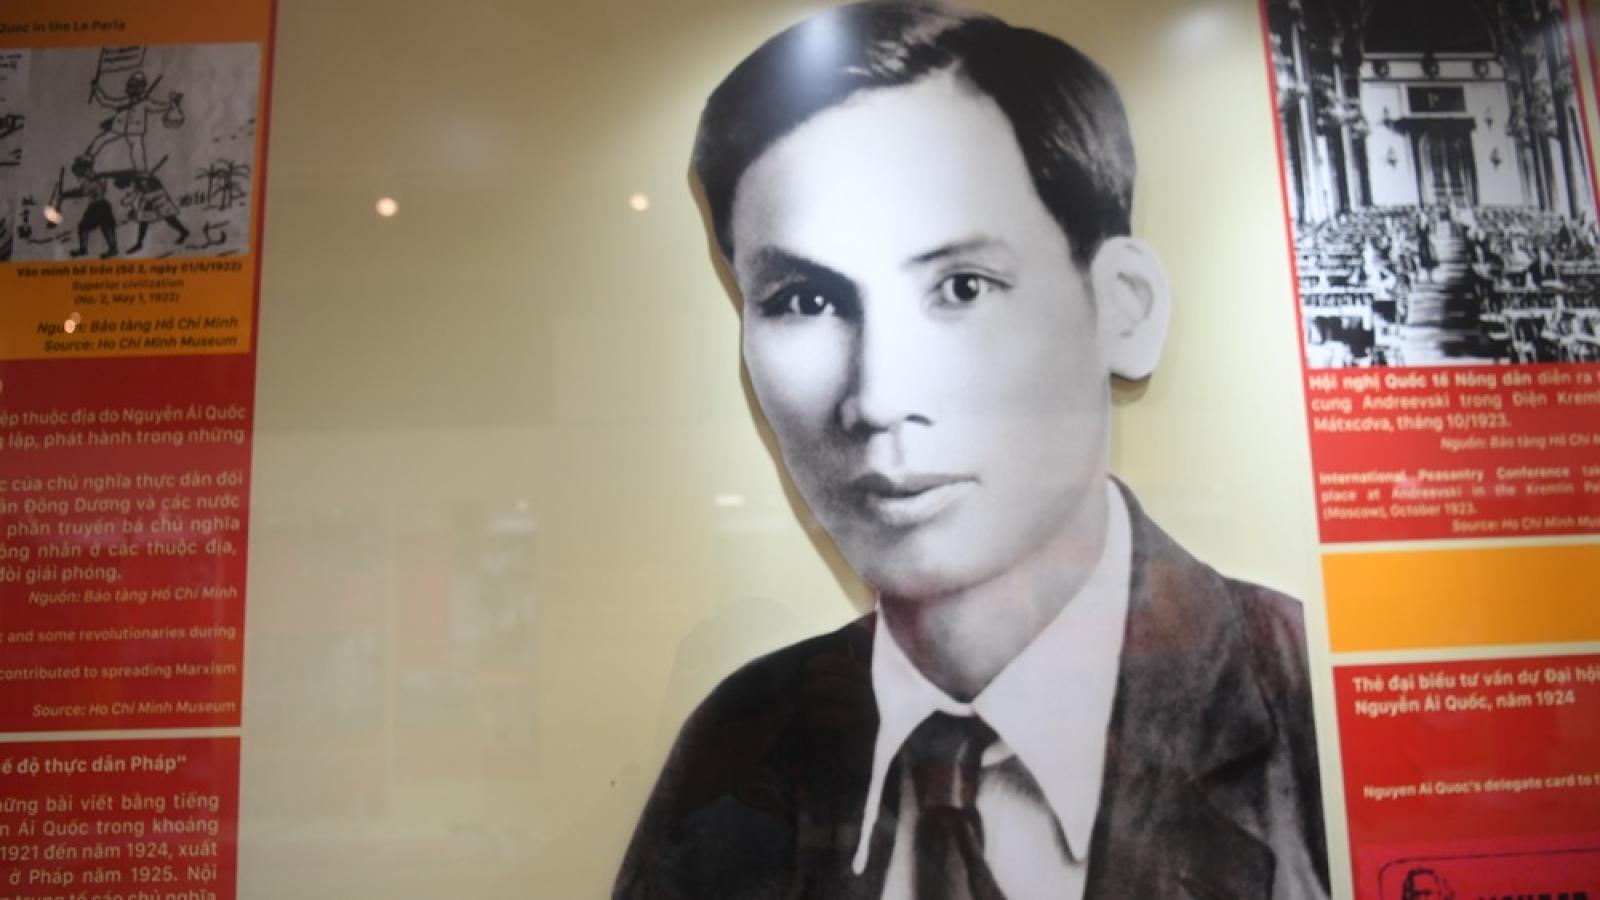 110 năm Bác Hồ ra đi tìm đường cứu nước: Hành trình lựa chọn con đường Chủ nghĩa Xã hội